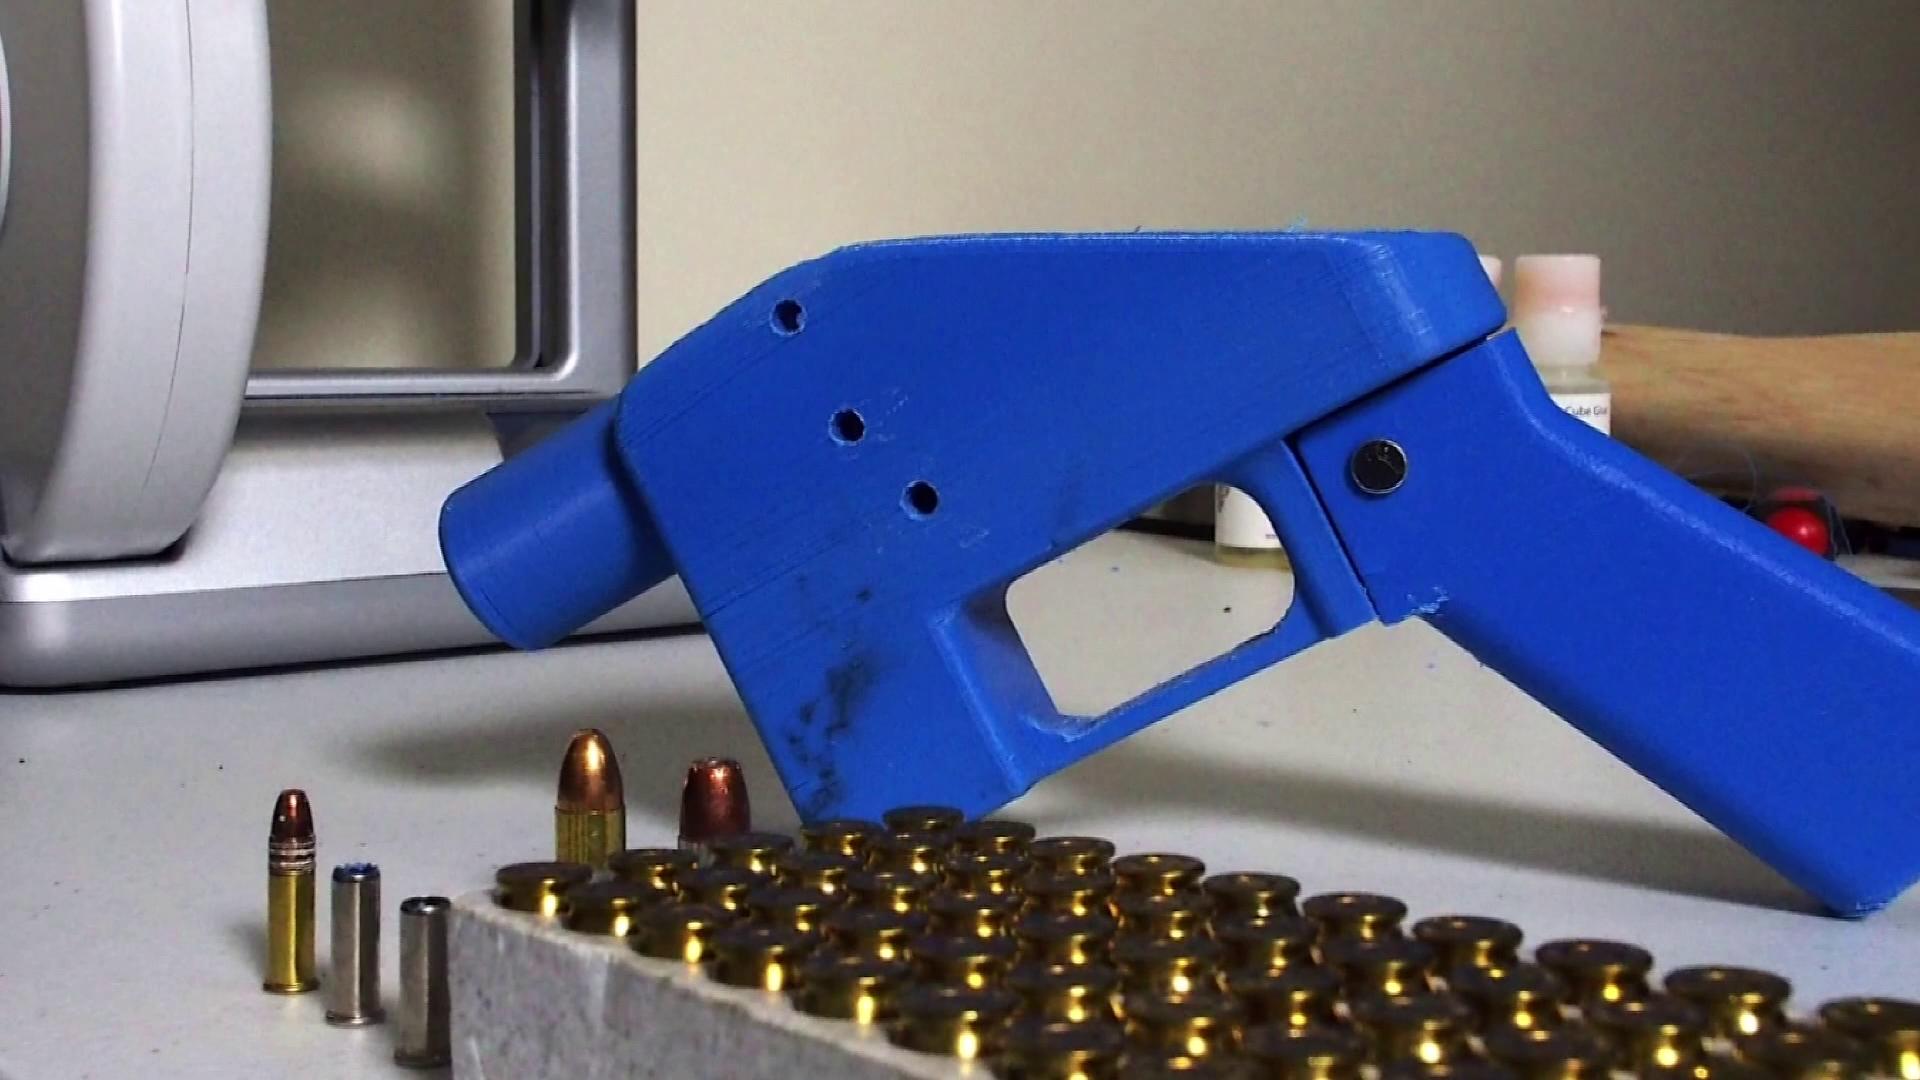 3d printed gun laws canada